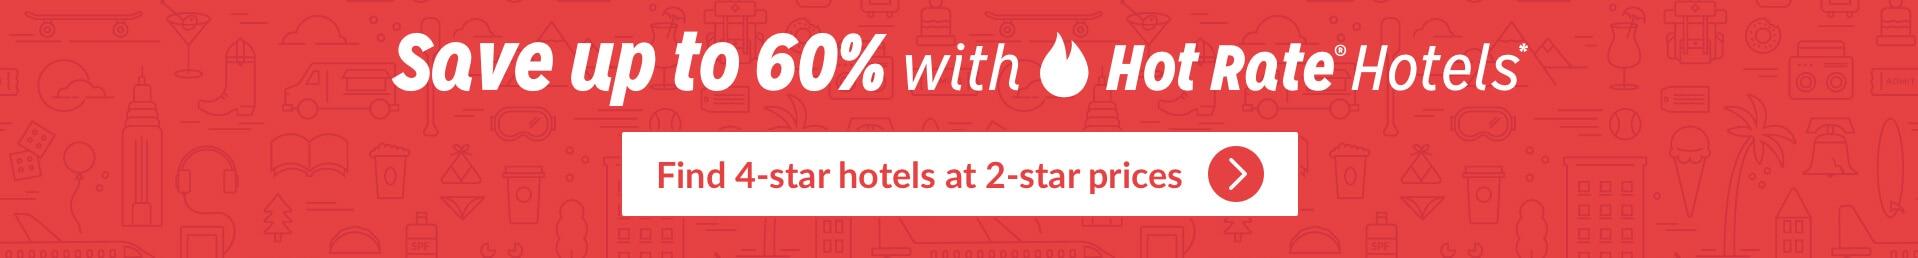 HOTW-Hotel-Deals-726-959@2x.jpg (1918×258)